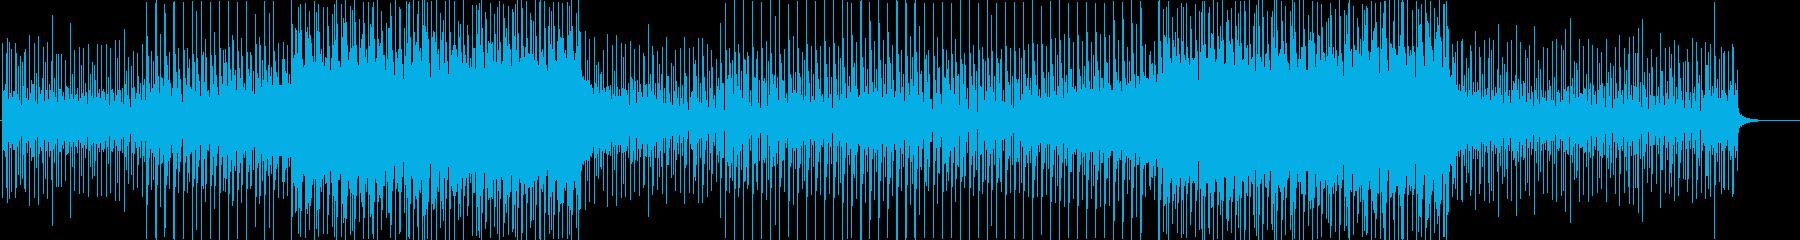 洋楽感のある夏らしいトロピカルハウス4aの再生済みの波形